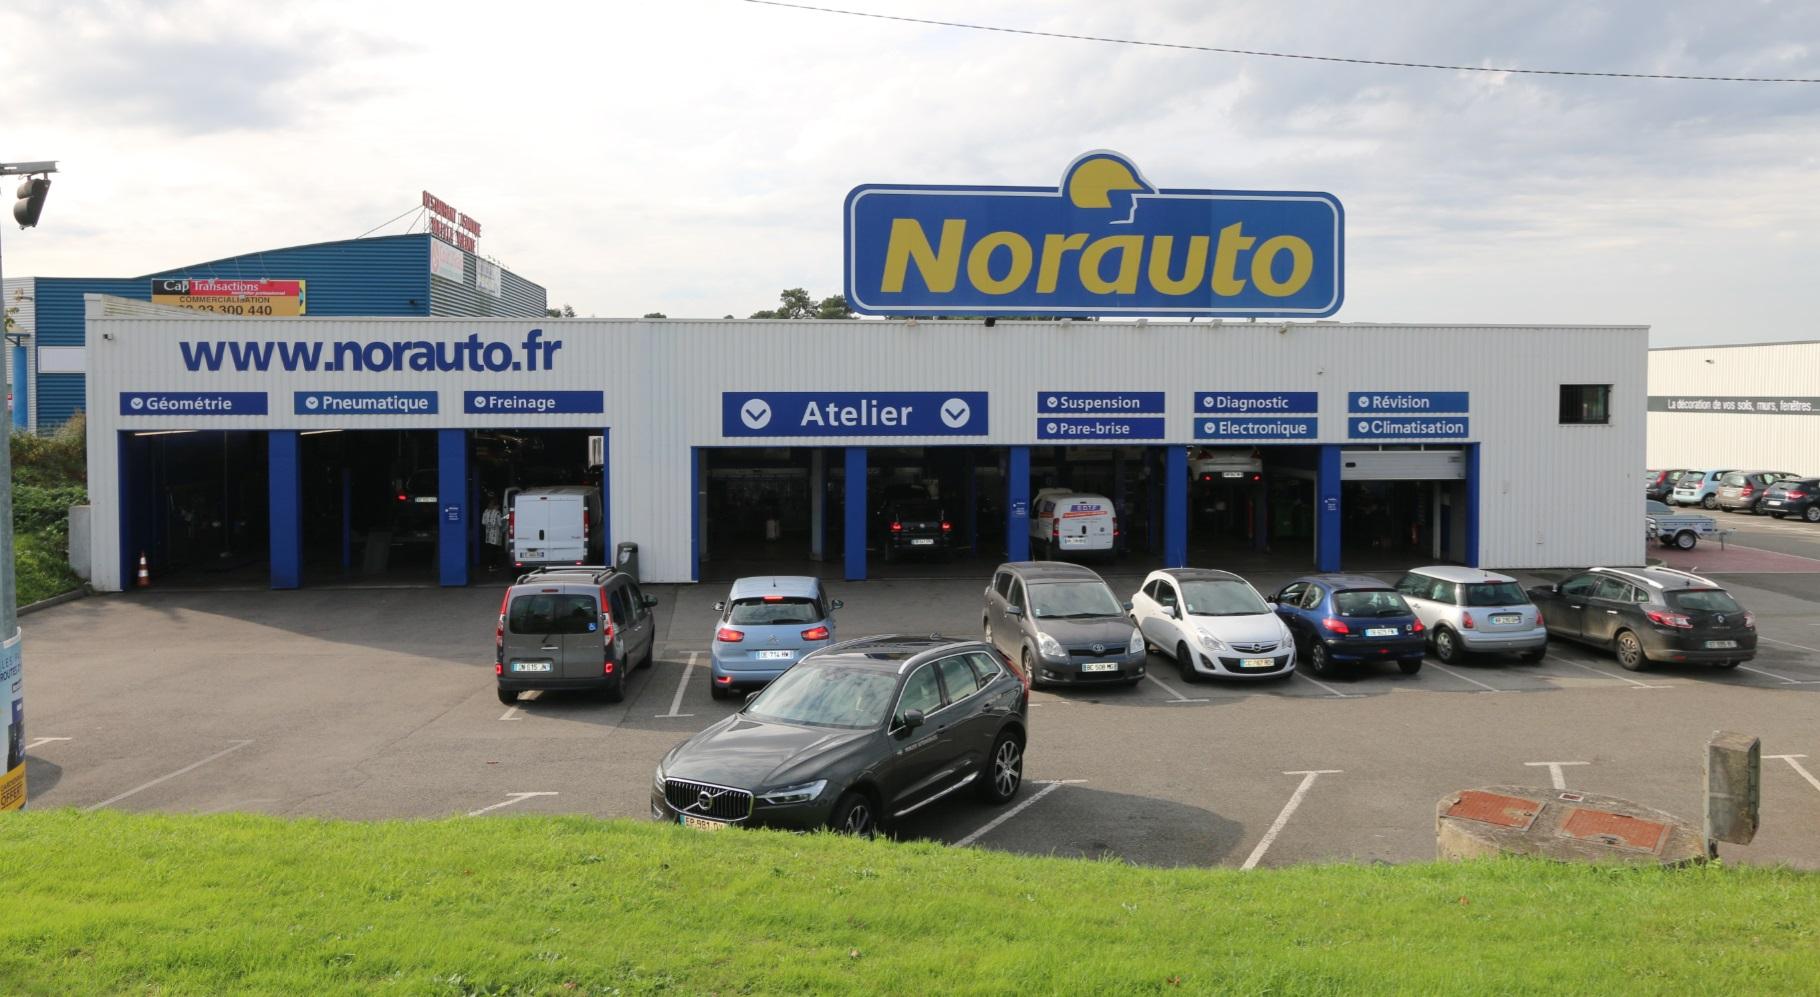 Norauto : tout pour la voiture et bien plus encore - Auto-Moto Magazine